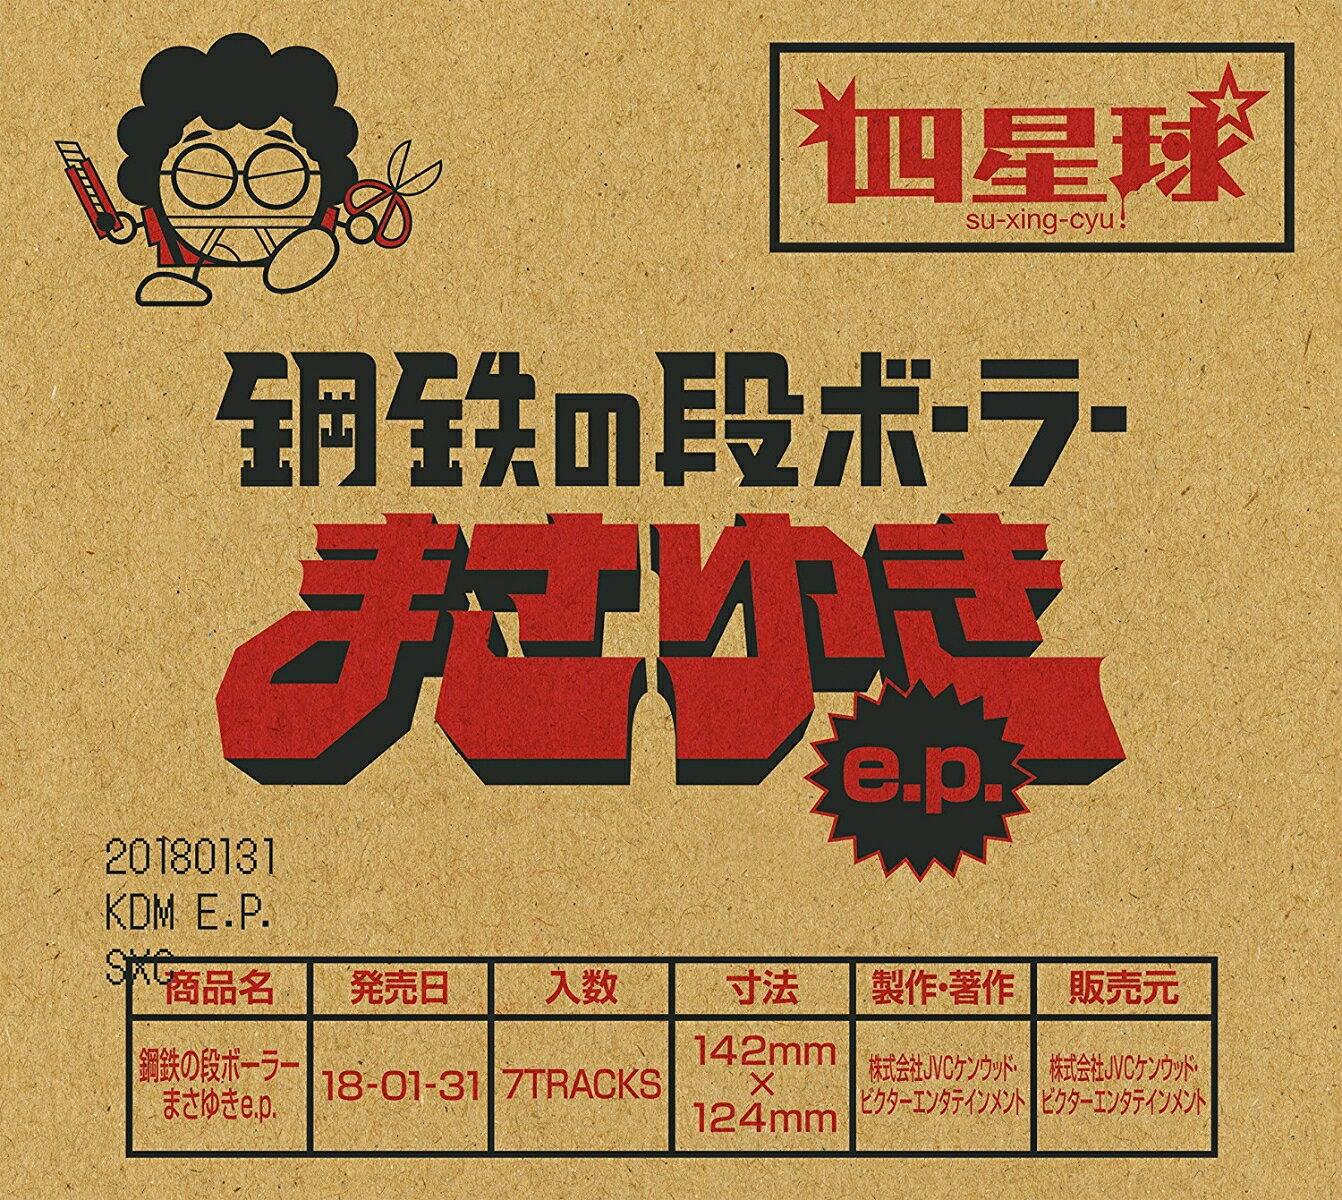 鋼鉄の段ボーラーまさゆき e.p. (完全限定生産盤 CD+DVD) [ 四星球 ]